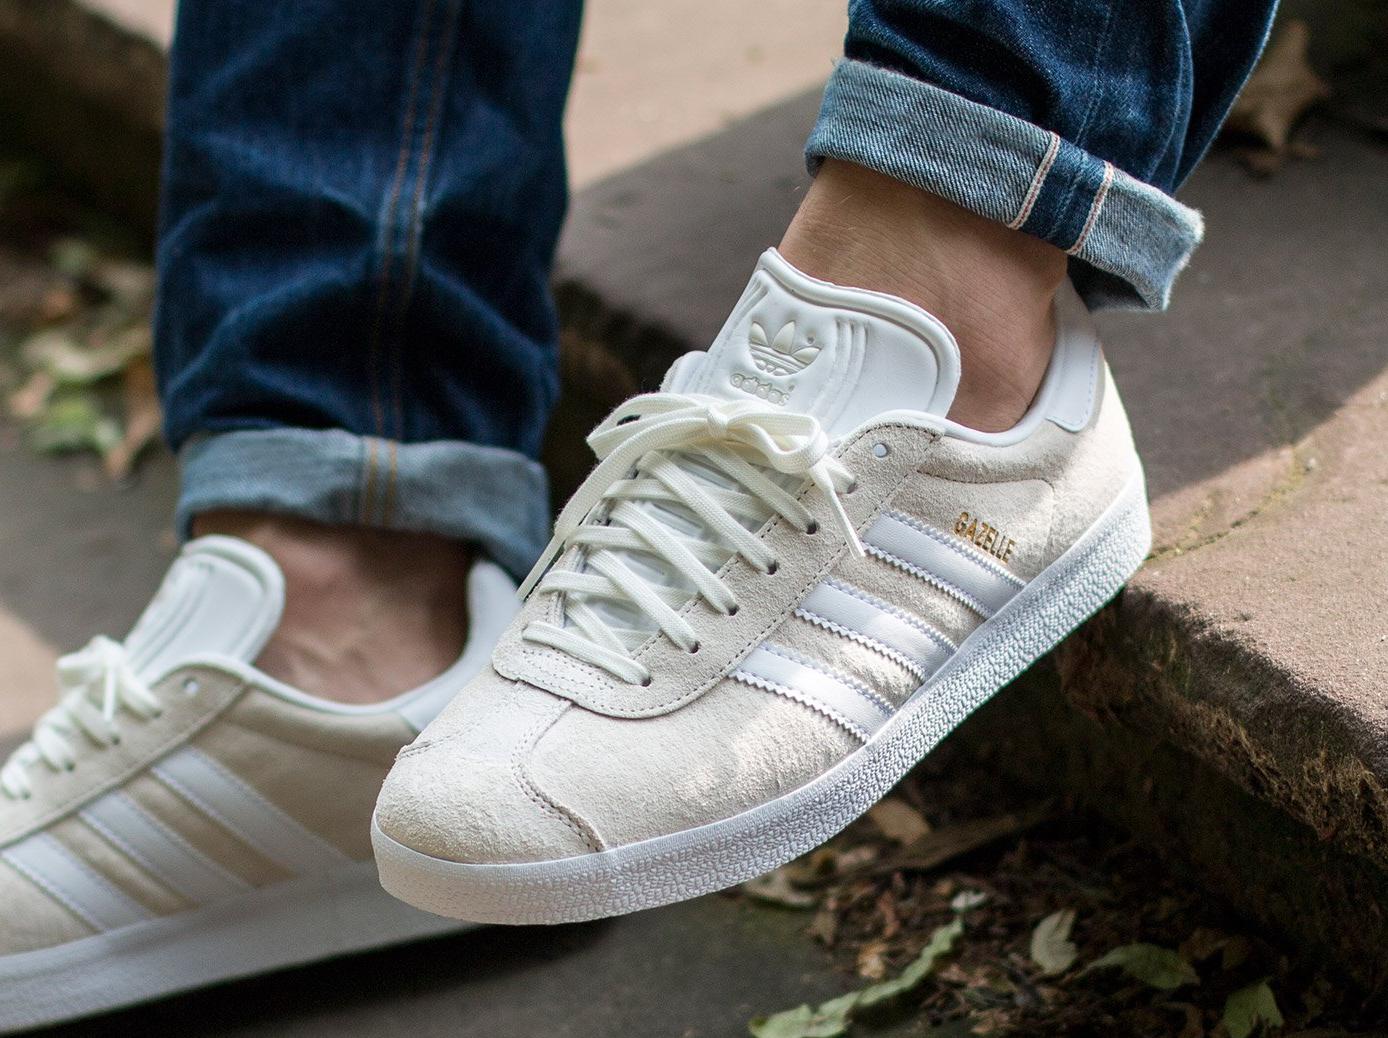 Adidas Gazelle Suede 'Off White Gold Metallic'